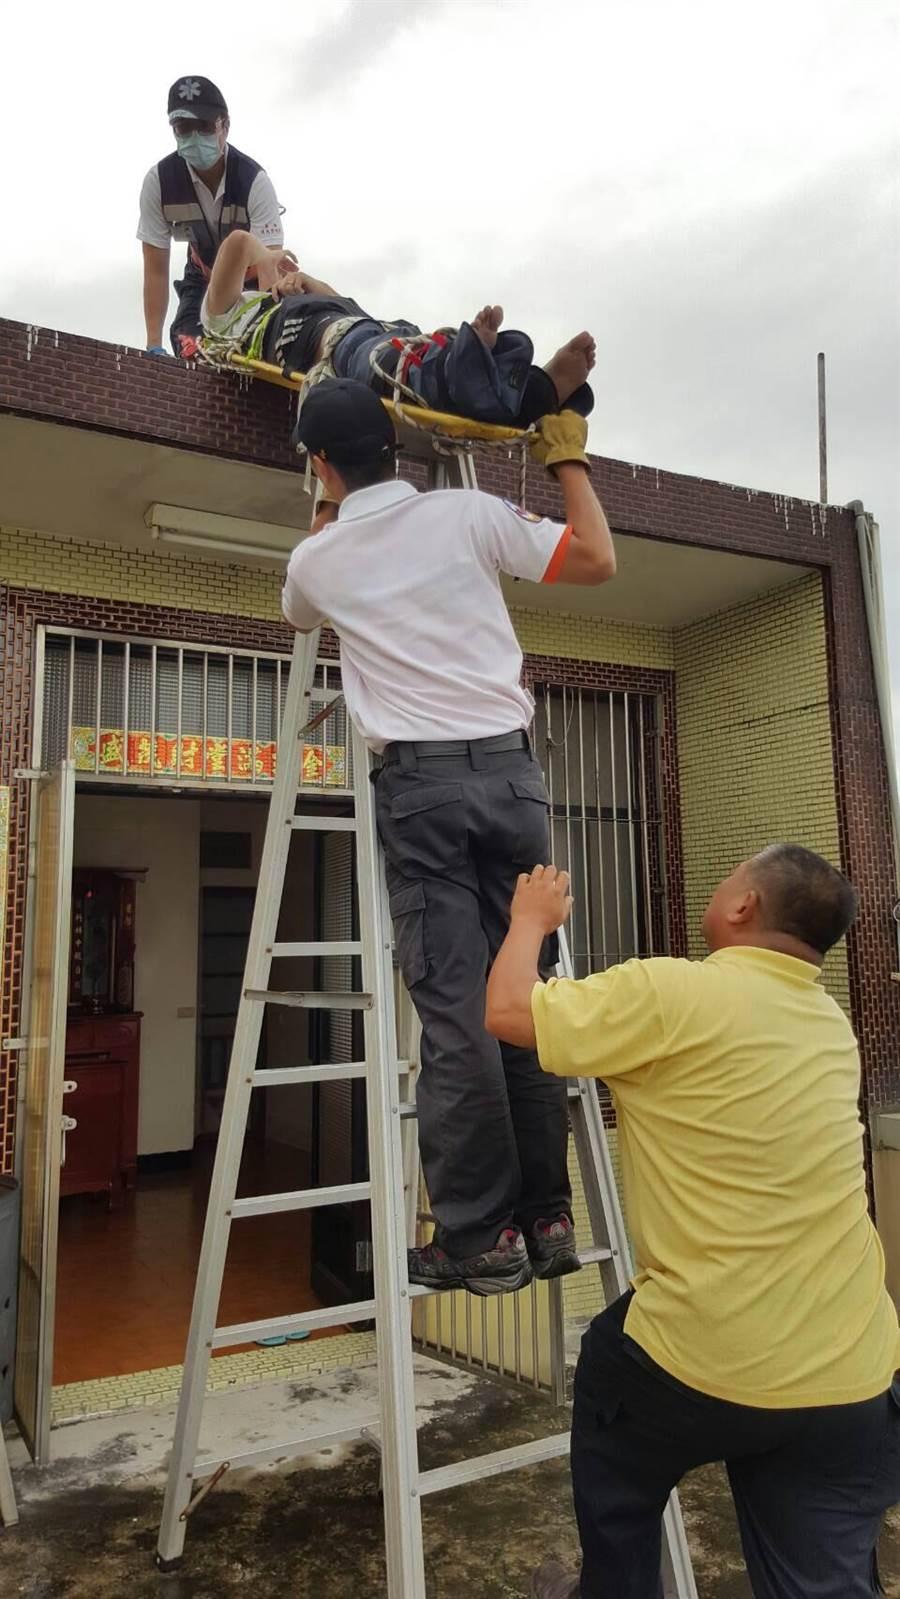 林男從5樓公寓跳至隔壁4樓屋頂露台,腳踝扭傷,救護人員費力將他救下。(林宏聰翻攝)